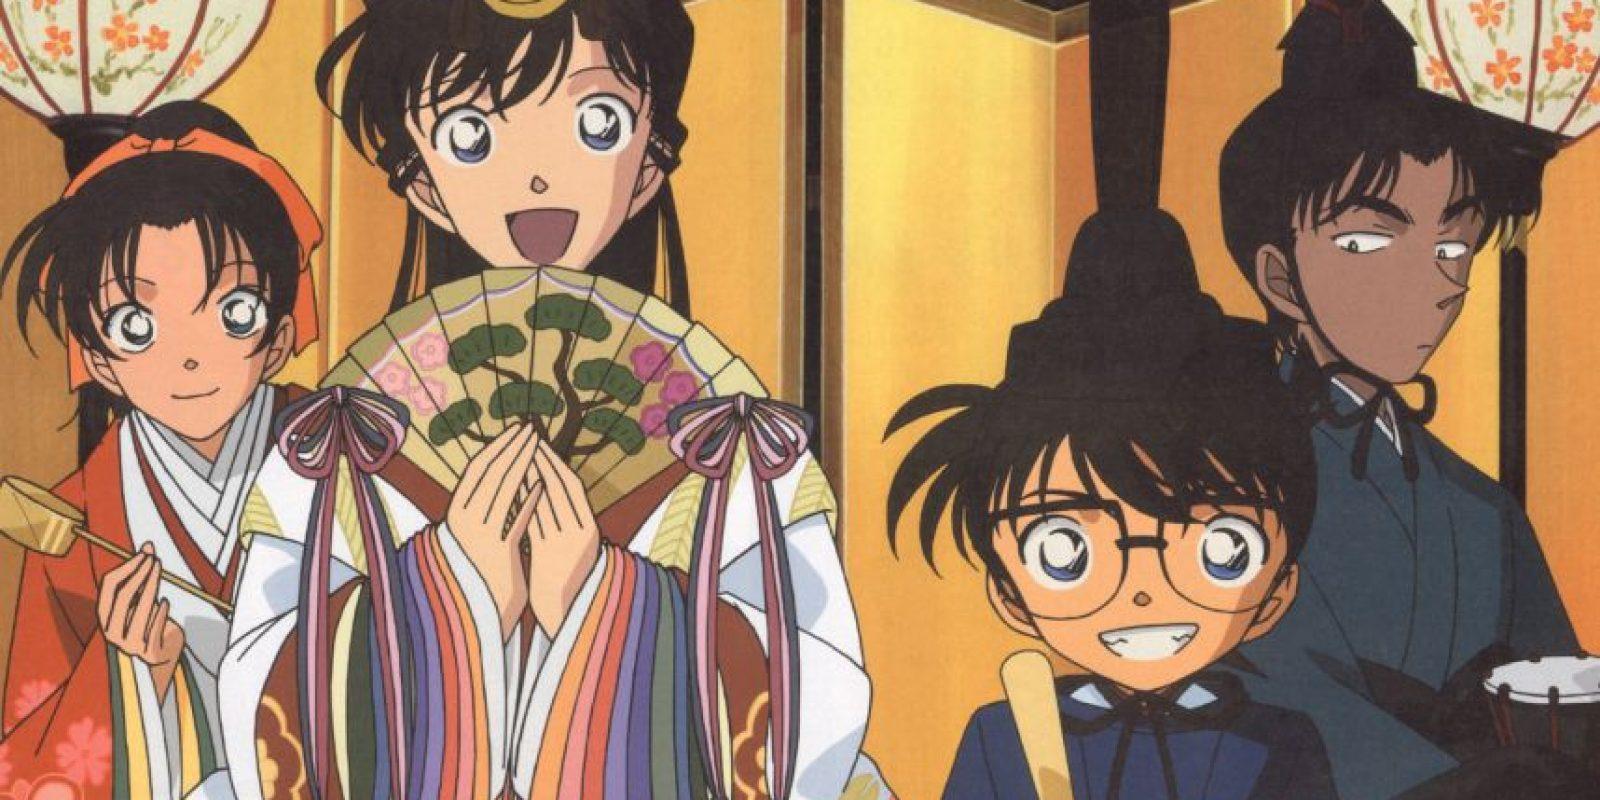 El disfraz de Kaito Kid es igual al de Moriarty (otro famoso enemigo de Sherlock Holmes) en el anime Sherlock Hound. Foto:vía Tokyo Movie Shinsha